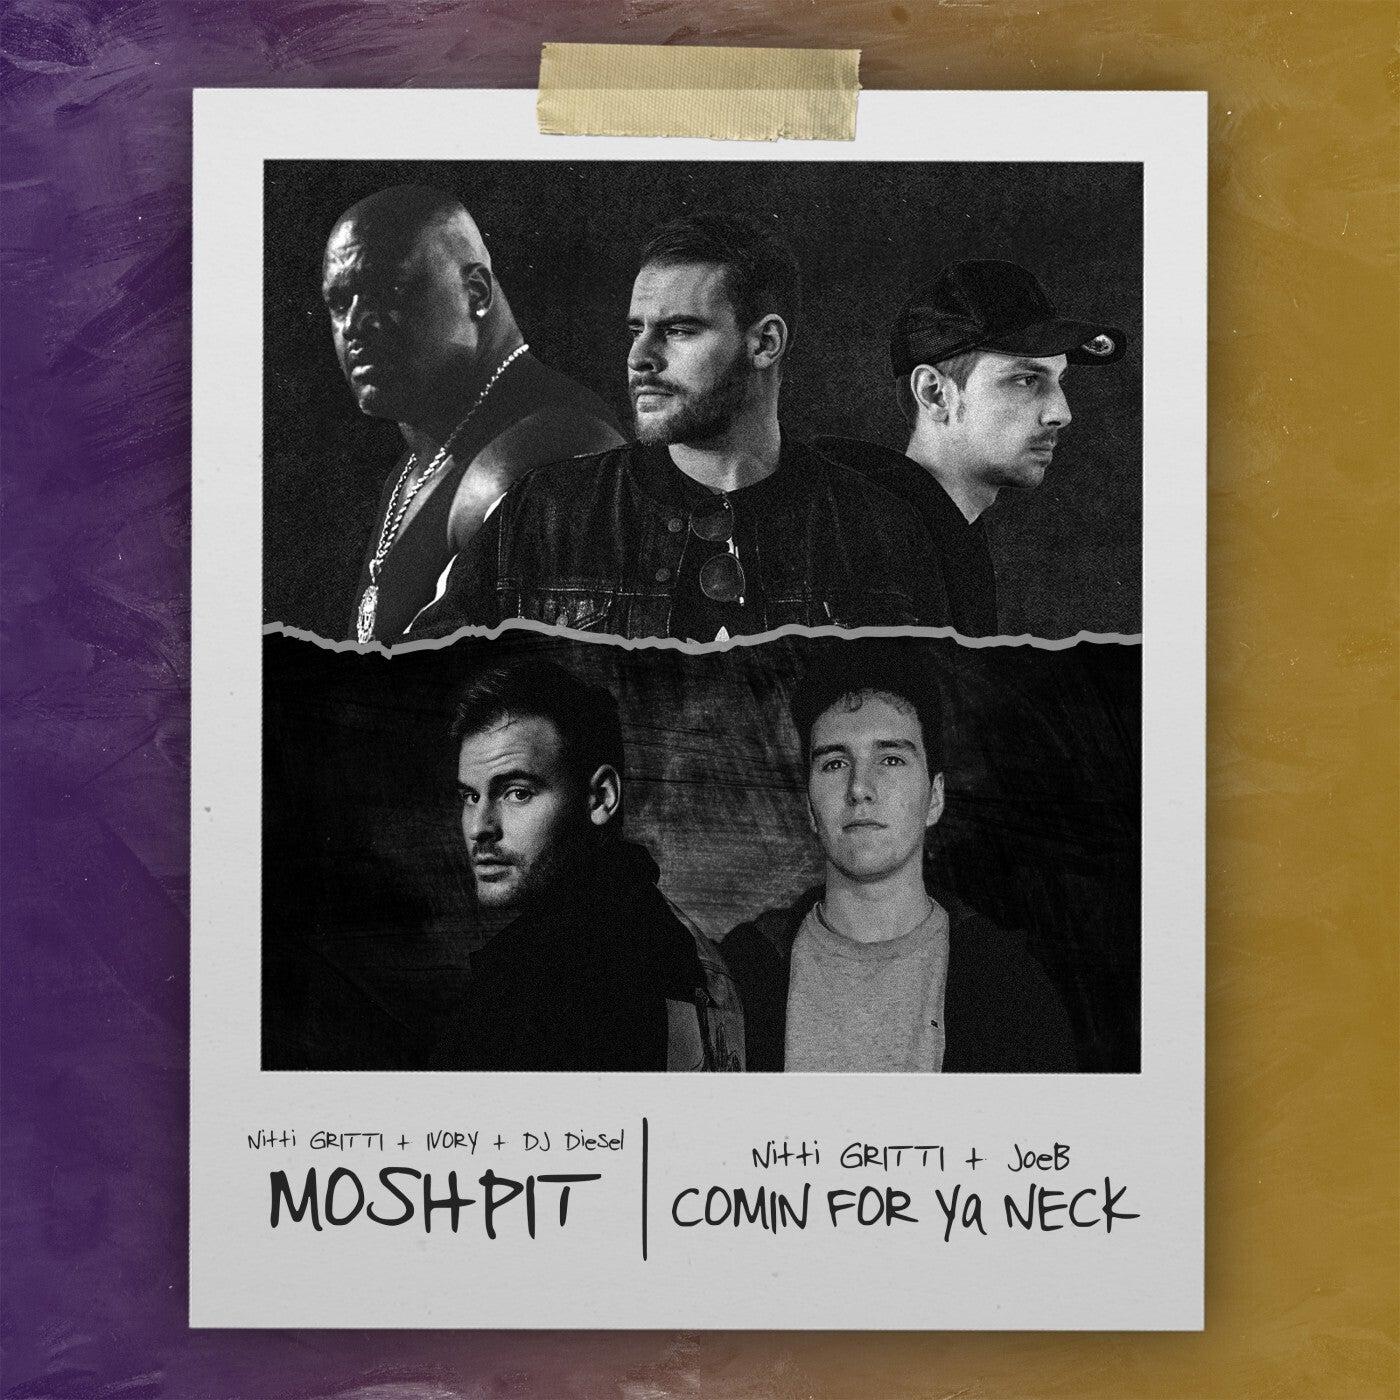 Moshpit (Original Mix)